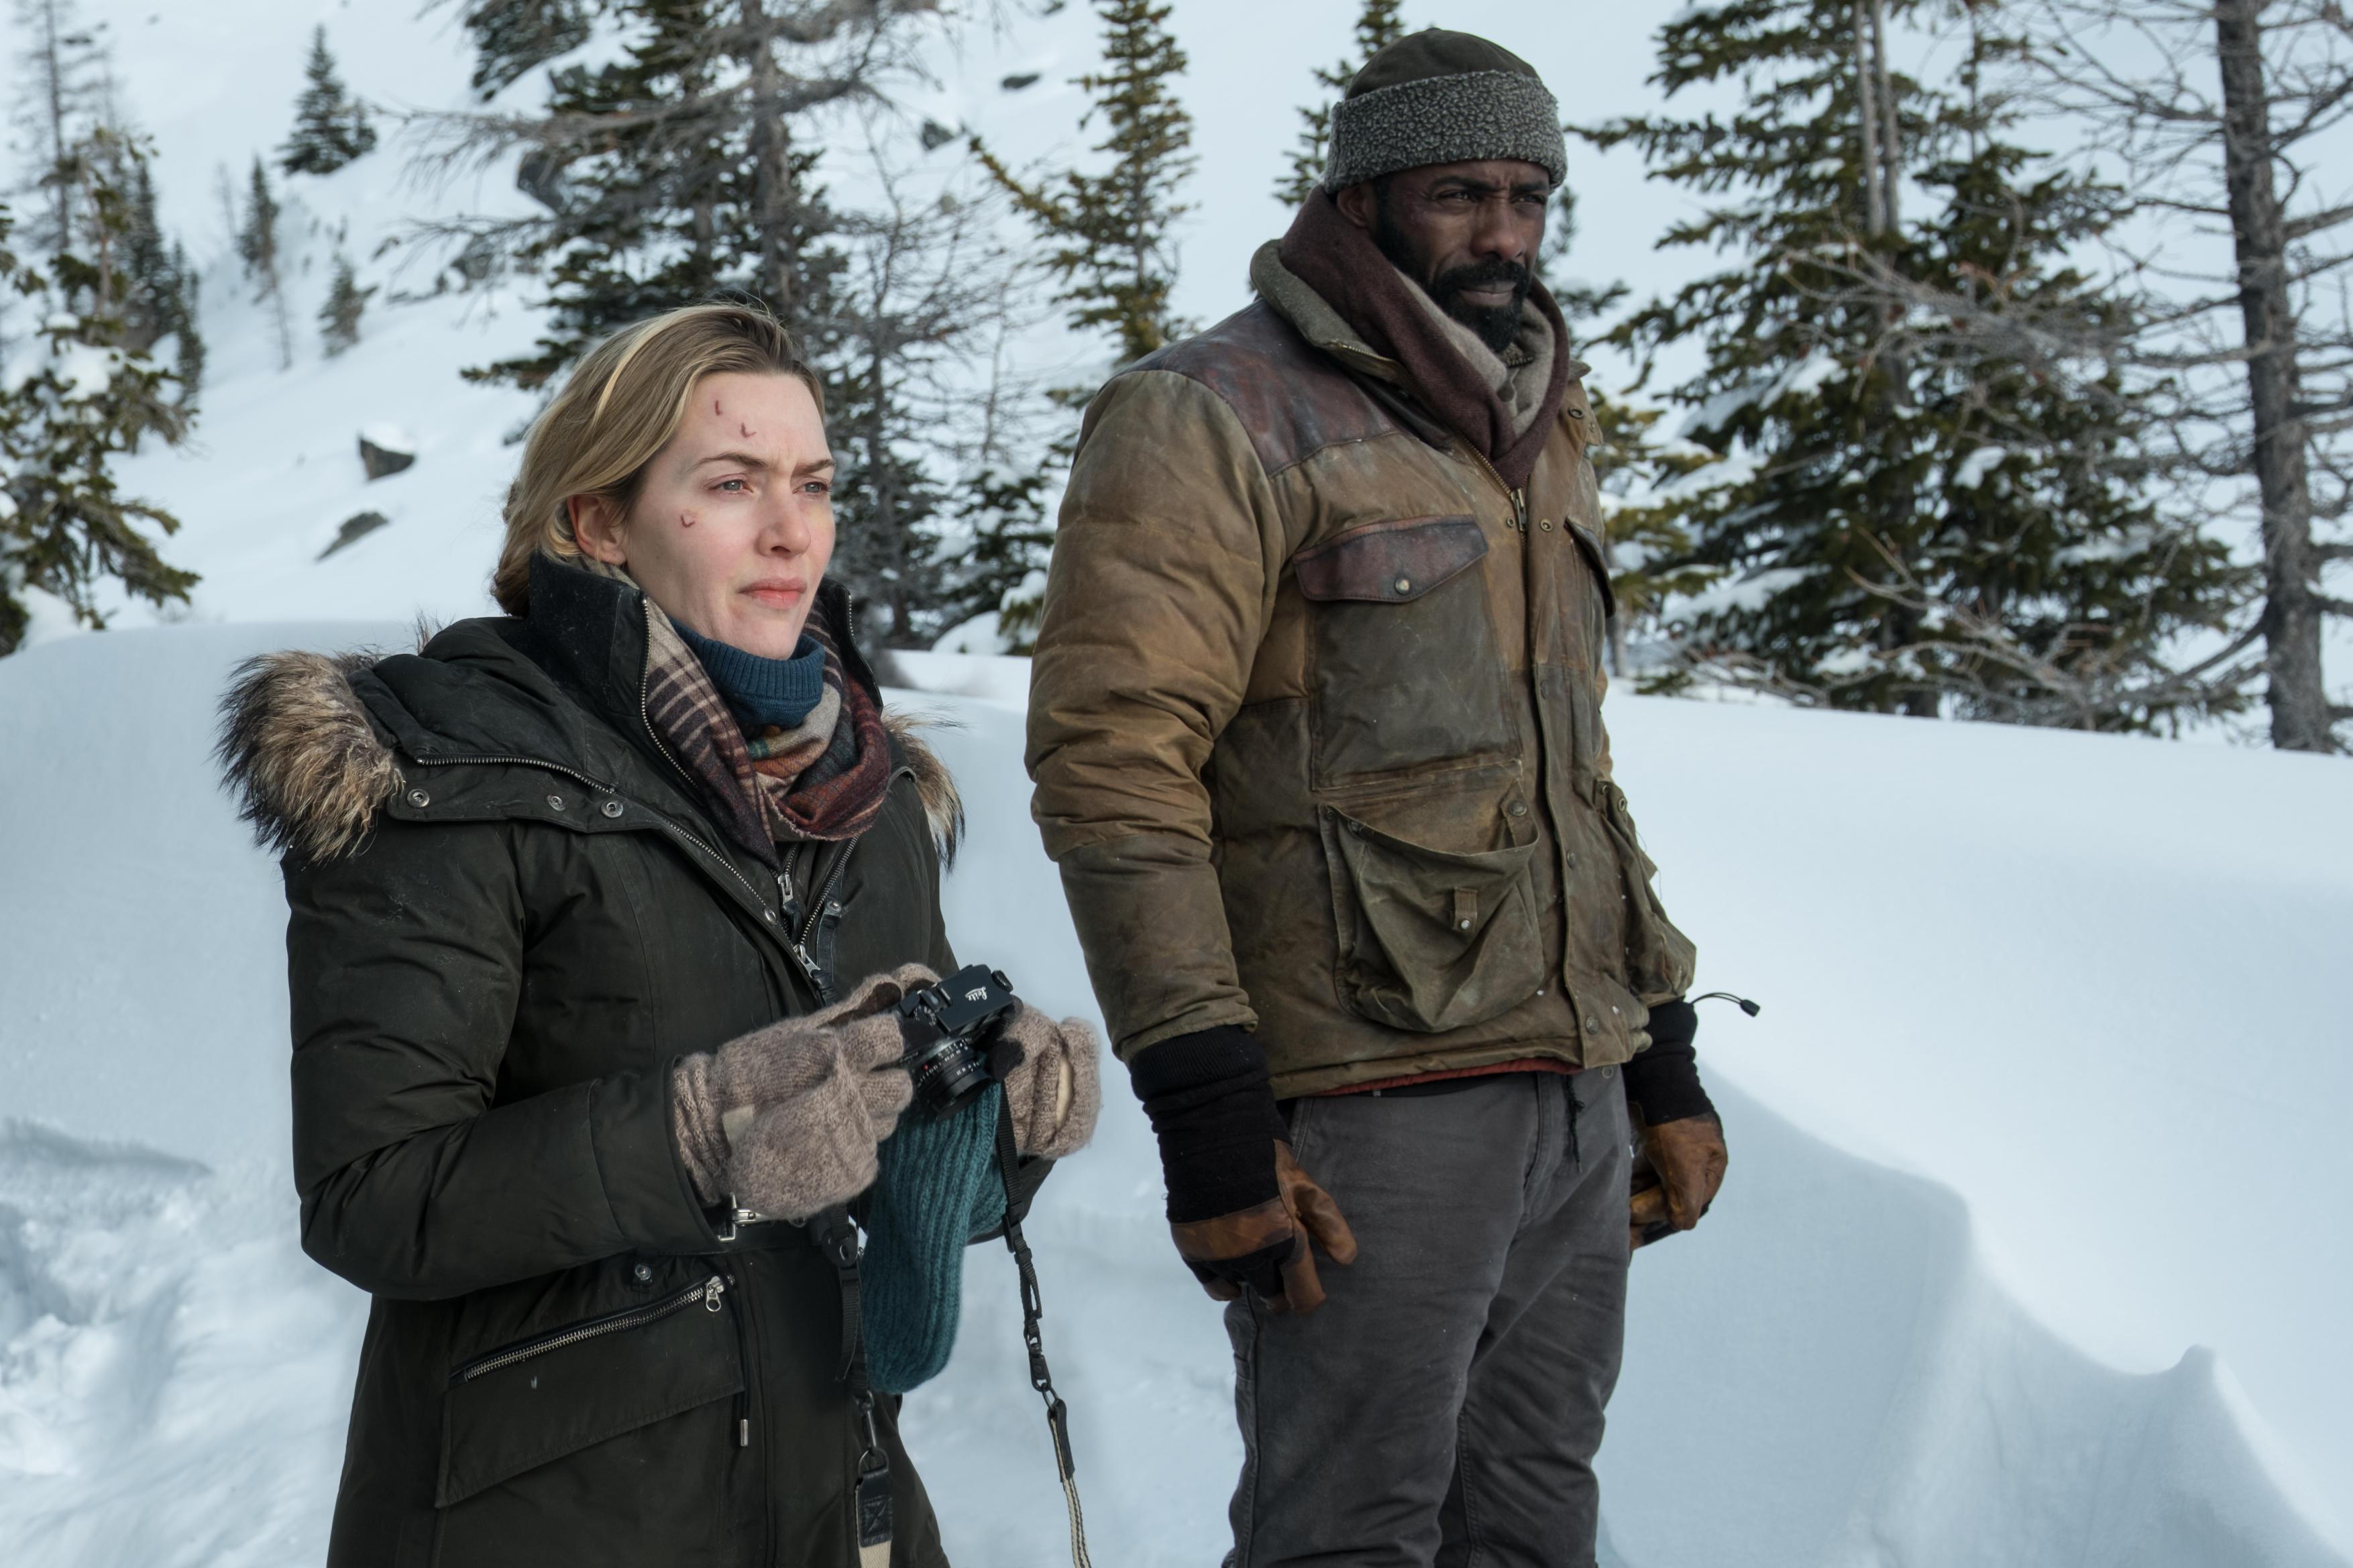 Идеи для домашнего киномарафона в январе: 10 фильмов с уютным зимним настроением